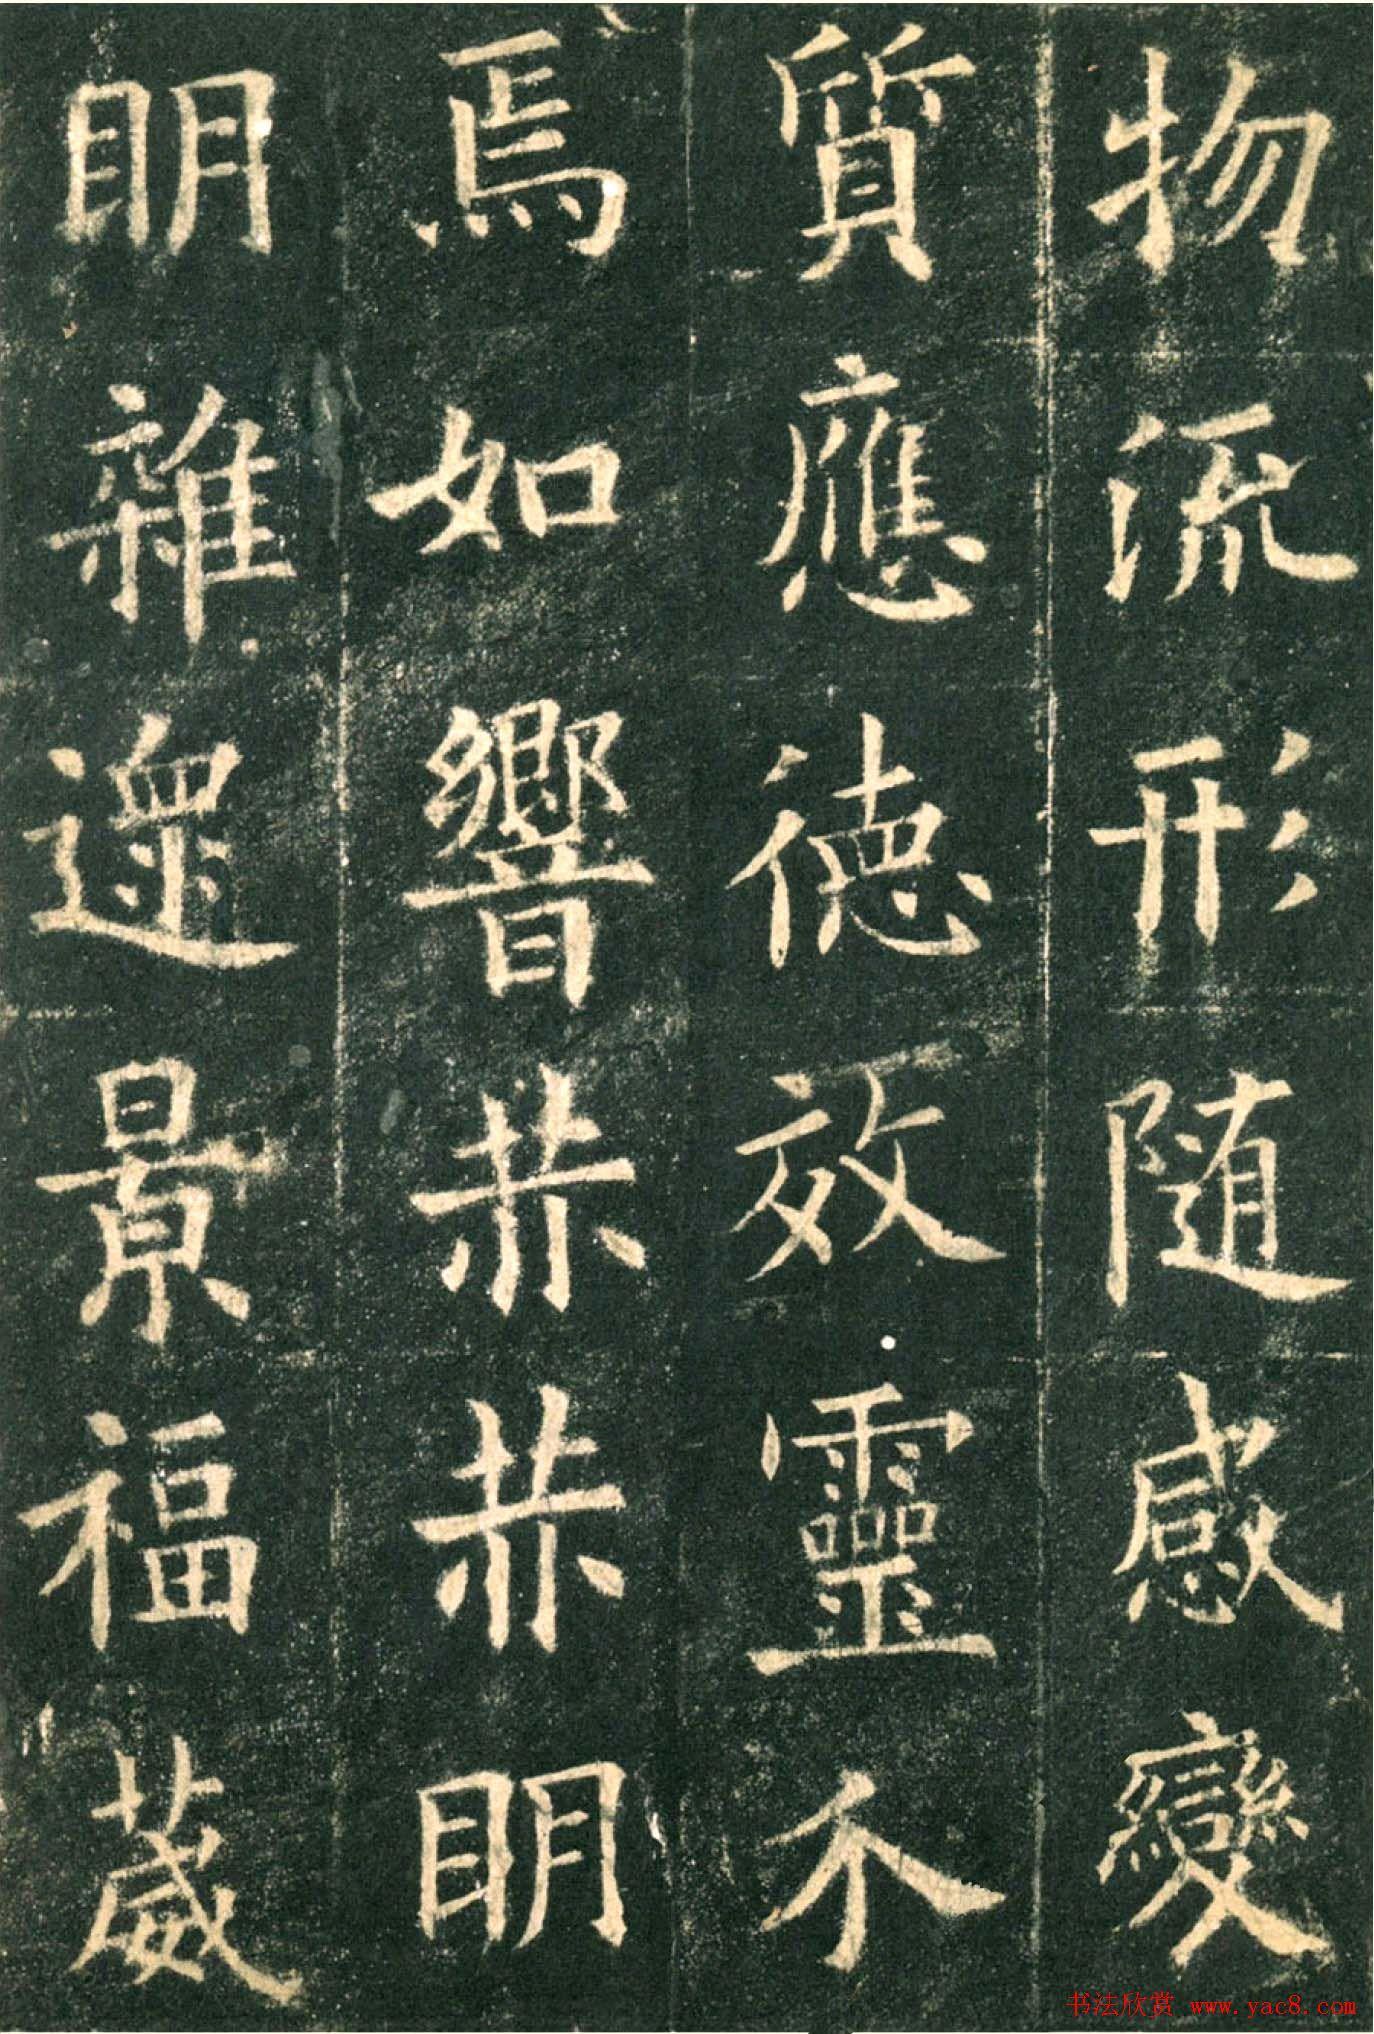 欧阳询楷书字帖《九成宫醴泉铭》(41)图片